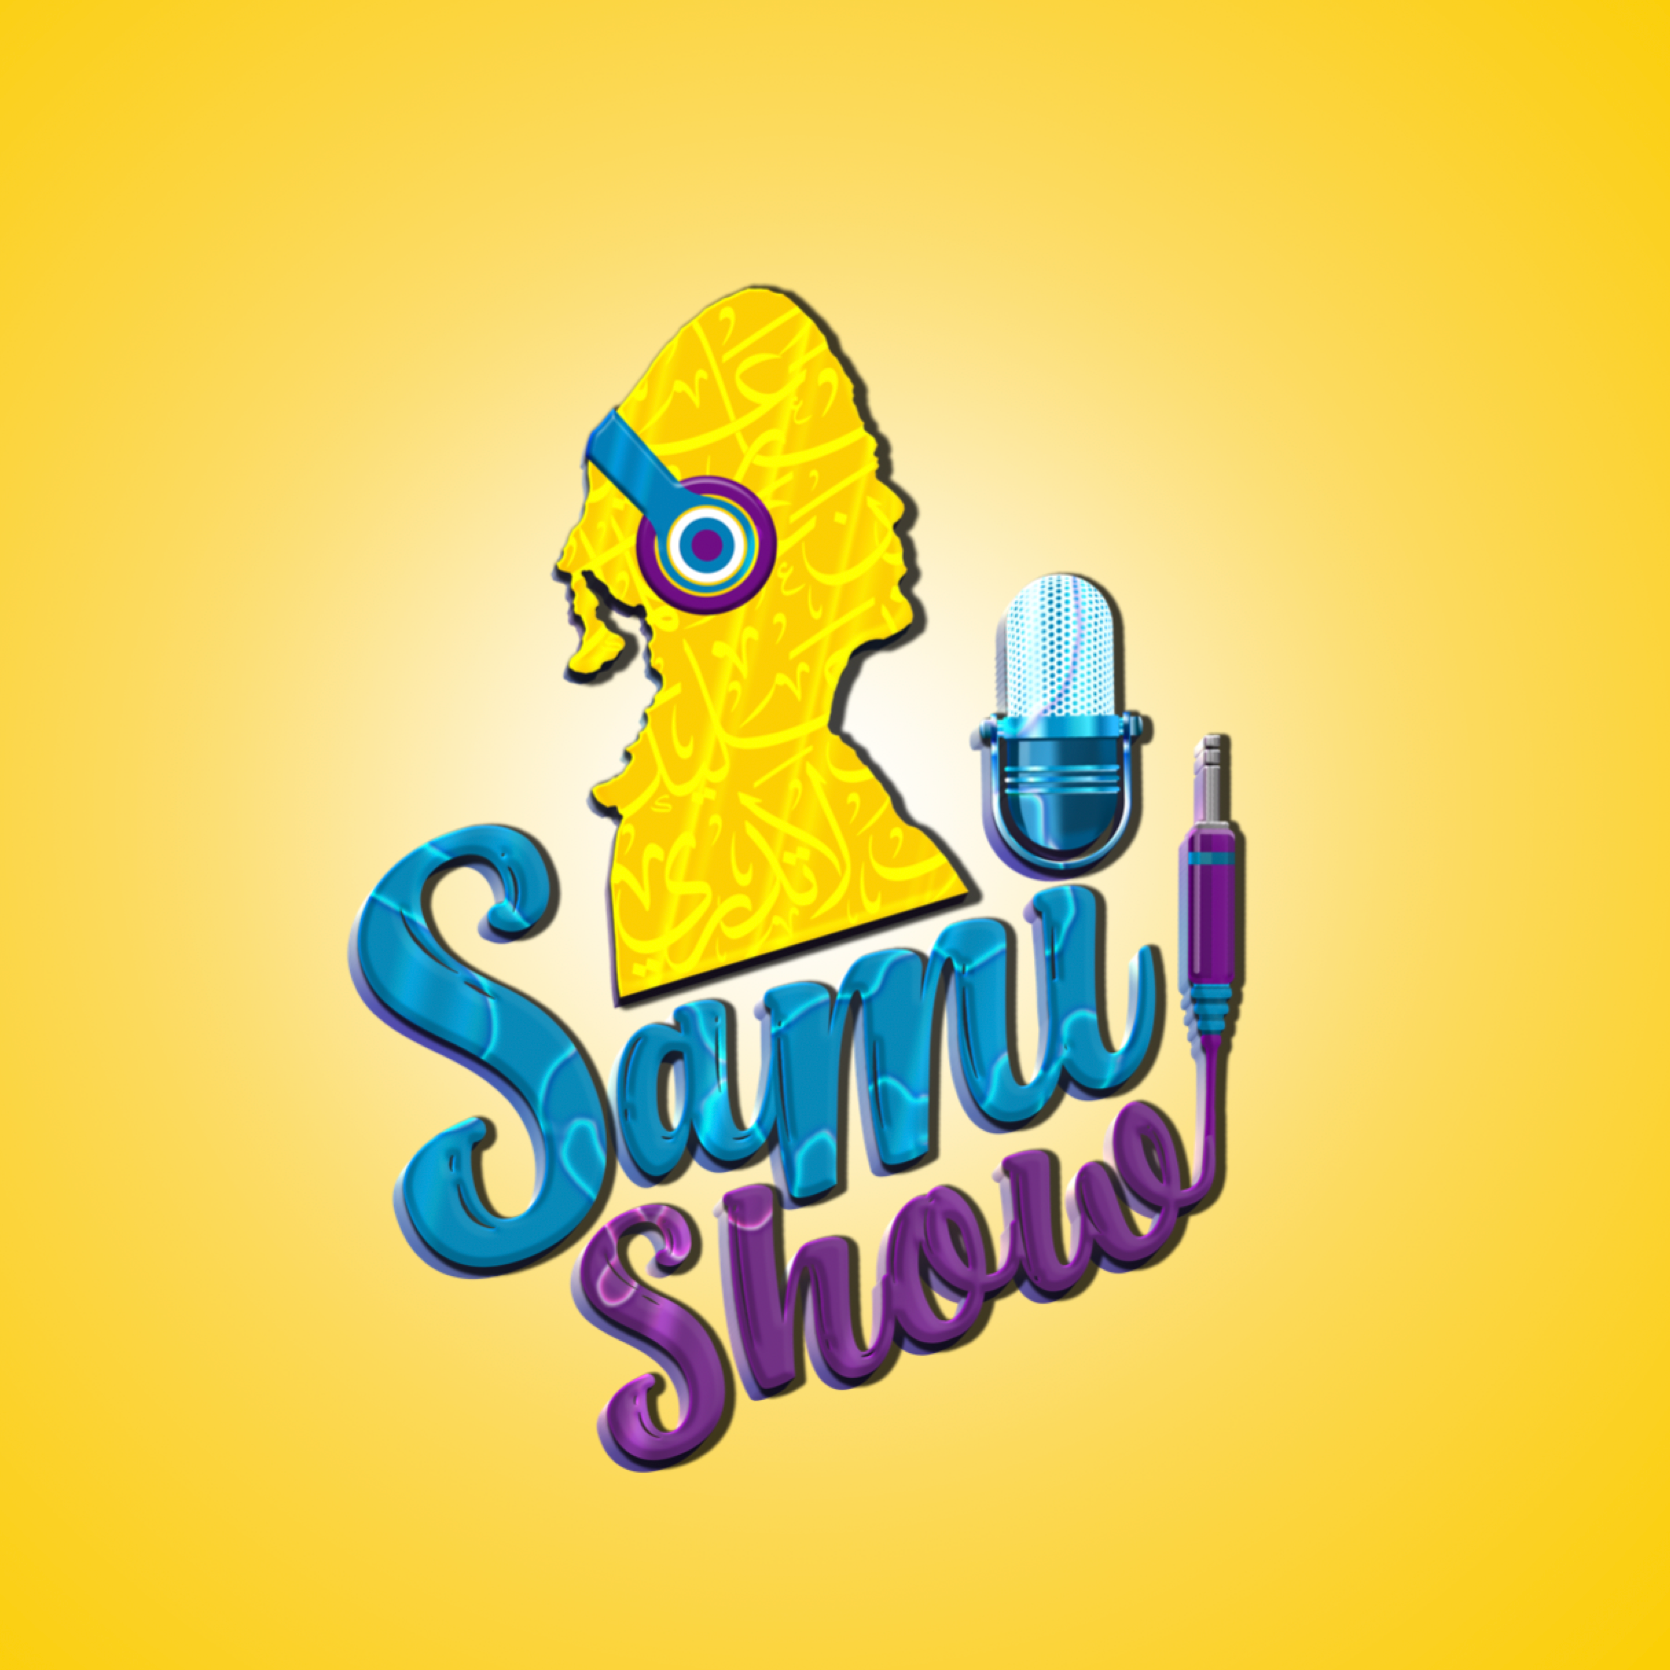 Sami Show